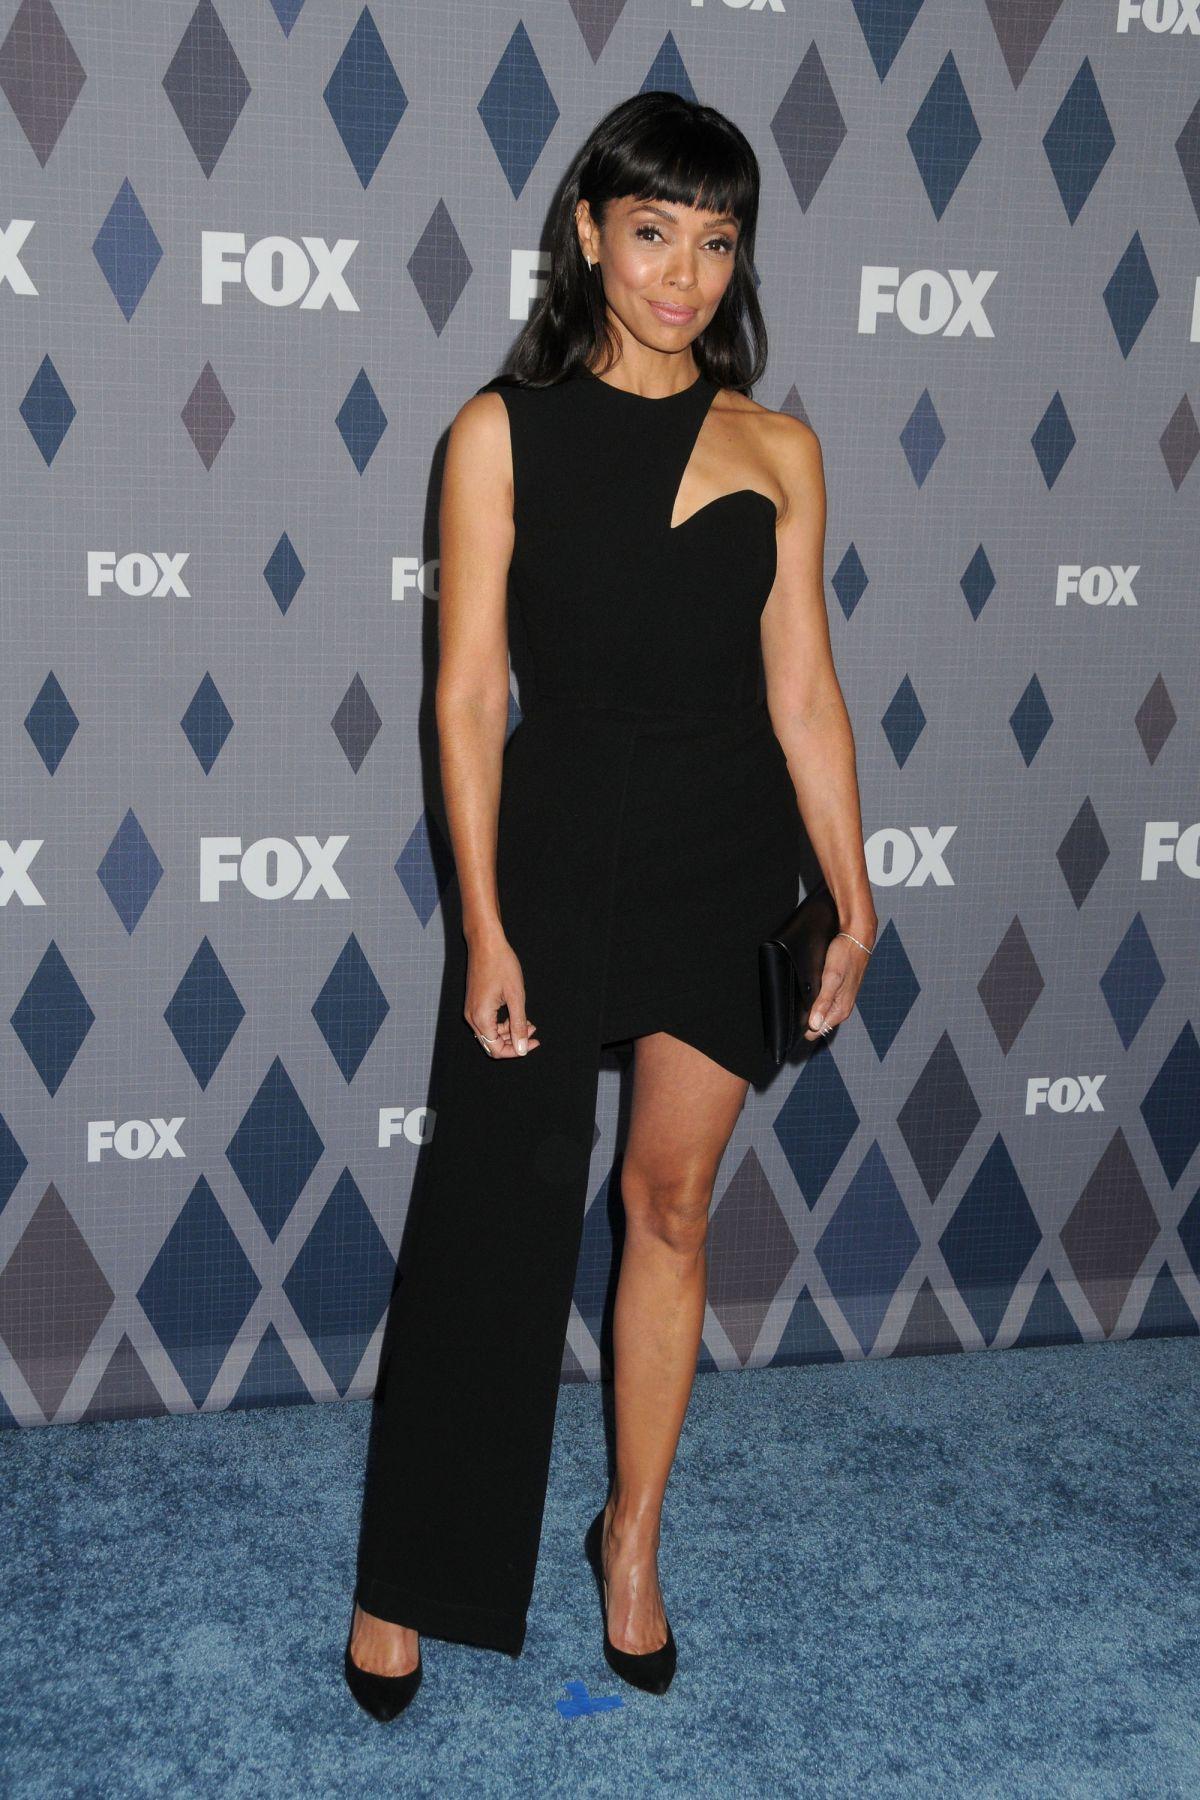 TAMARA TAYLOR at Fox Winter TCA 2016 All-star Party in Pasadena 01/15/2016